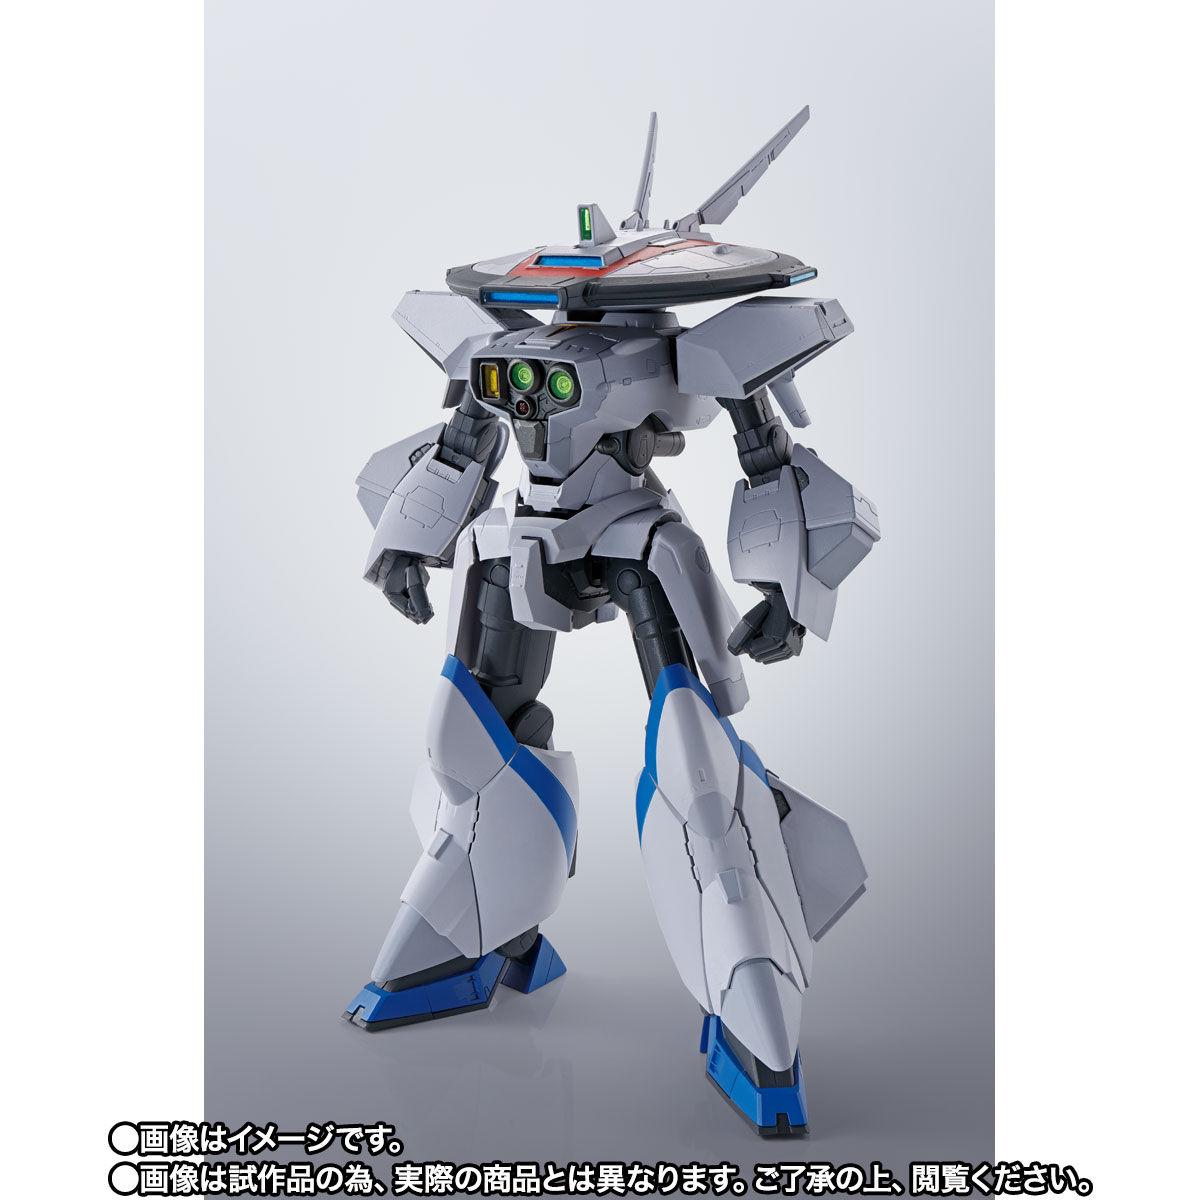 【限定販売】HI-METAL R『ドラグナー3』機甲戦記ドラグナー 可動フィギュア-008